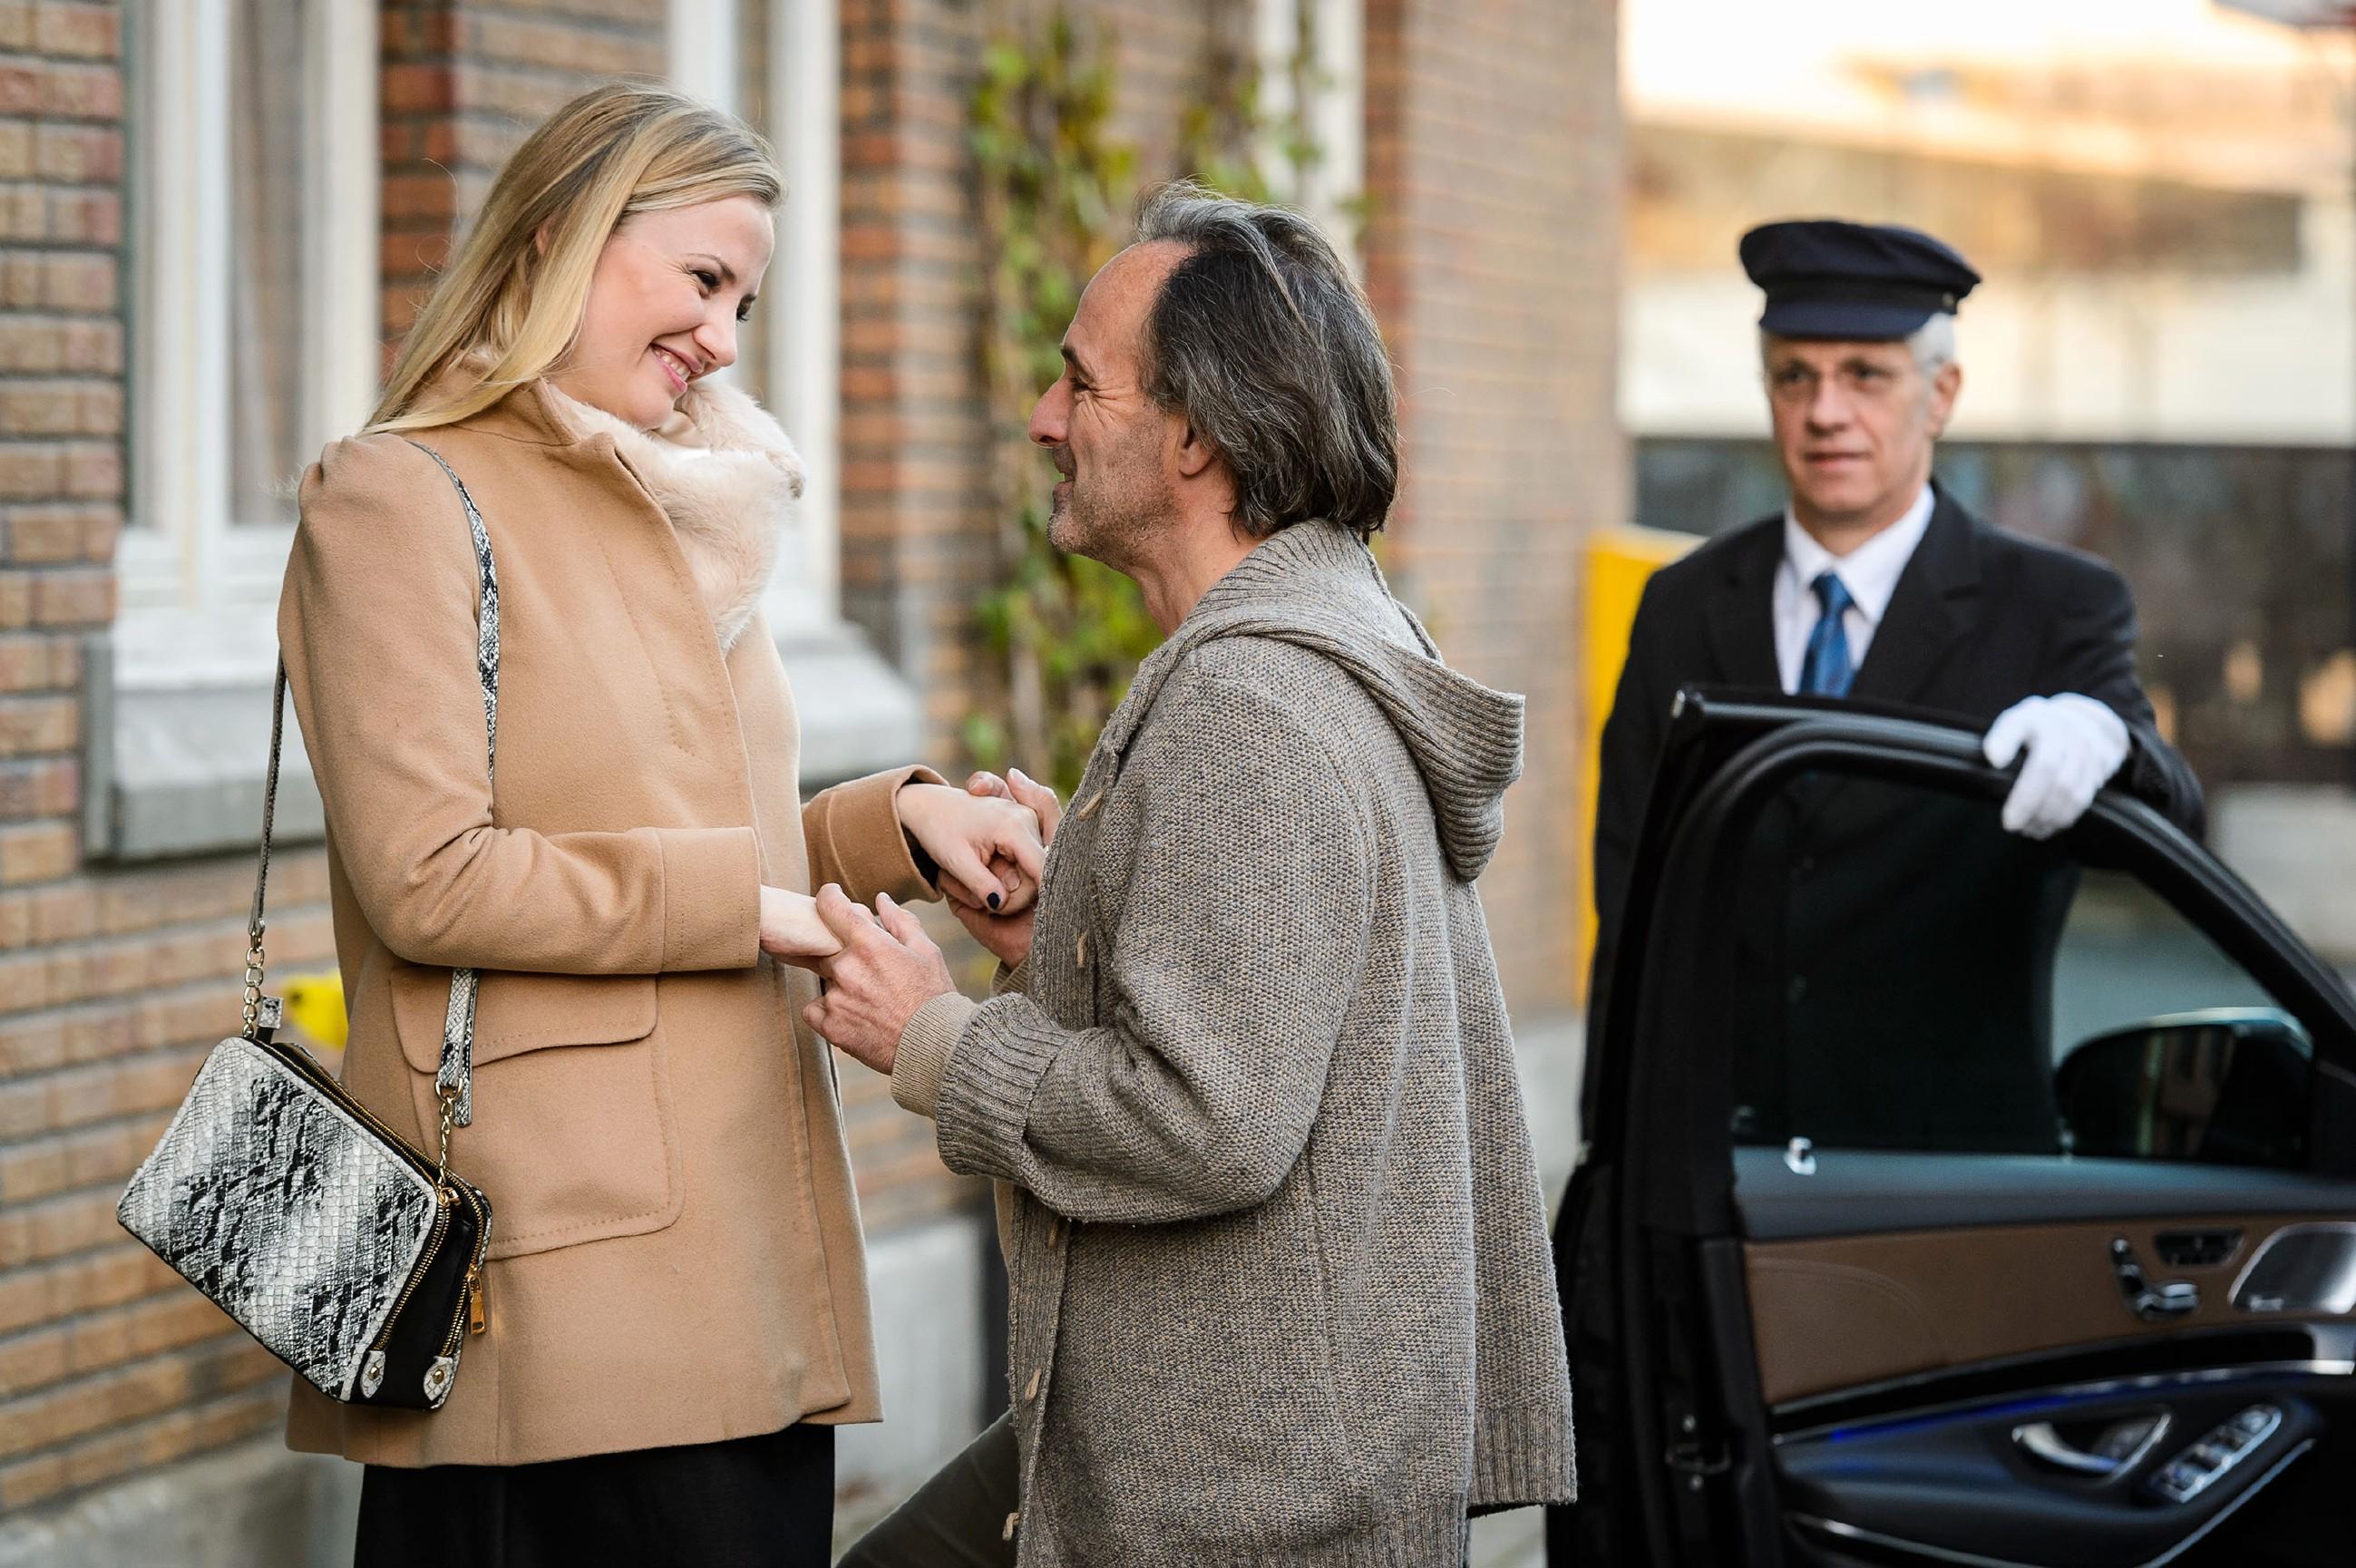 Gerade als Thomas seine Chance bei Isabelle (Ania Niedieck) wahrnehmen will, kommt ihm Johann (Holger Christian Gotha) zuvor, der Isabelle samt Chauffeur (Komparse) abholt. (Quelle: RTL / Willi Weber)